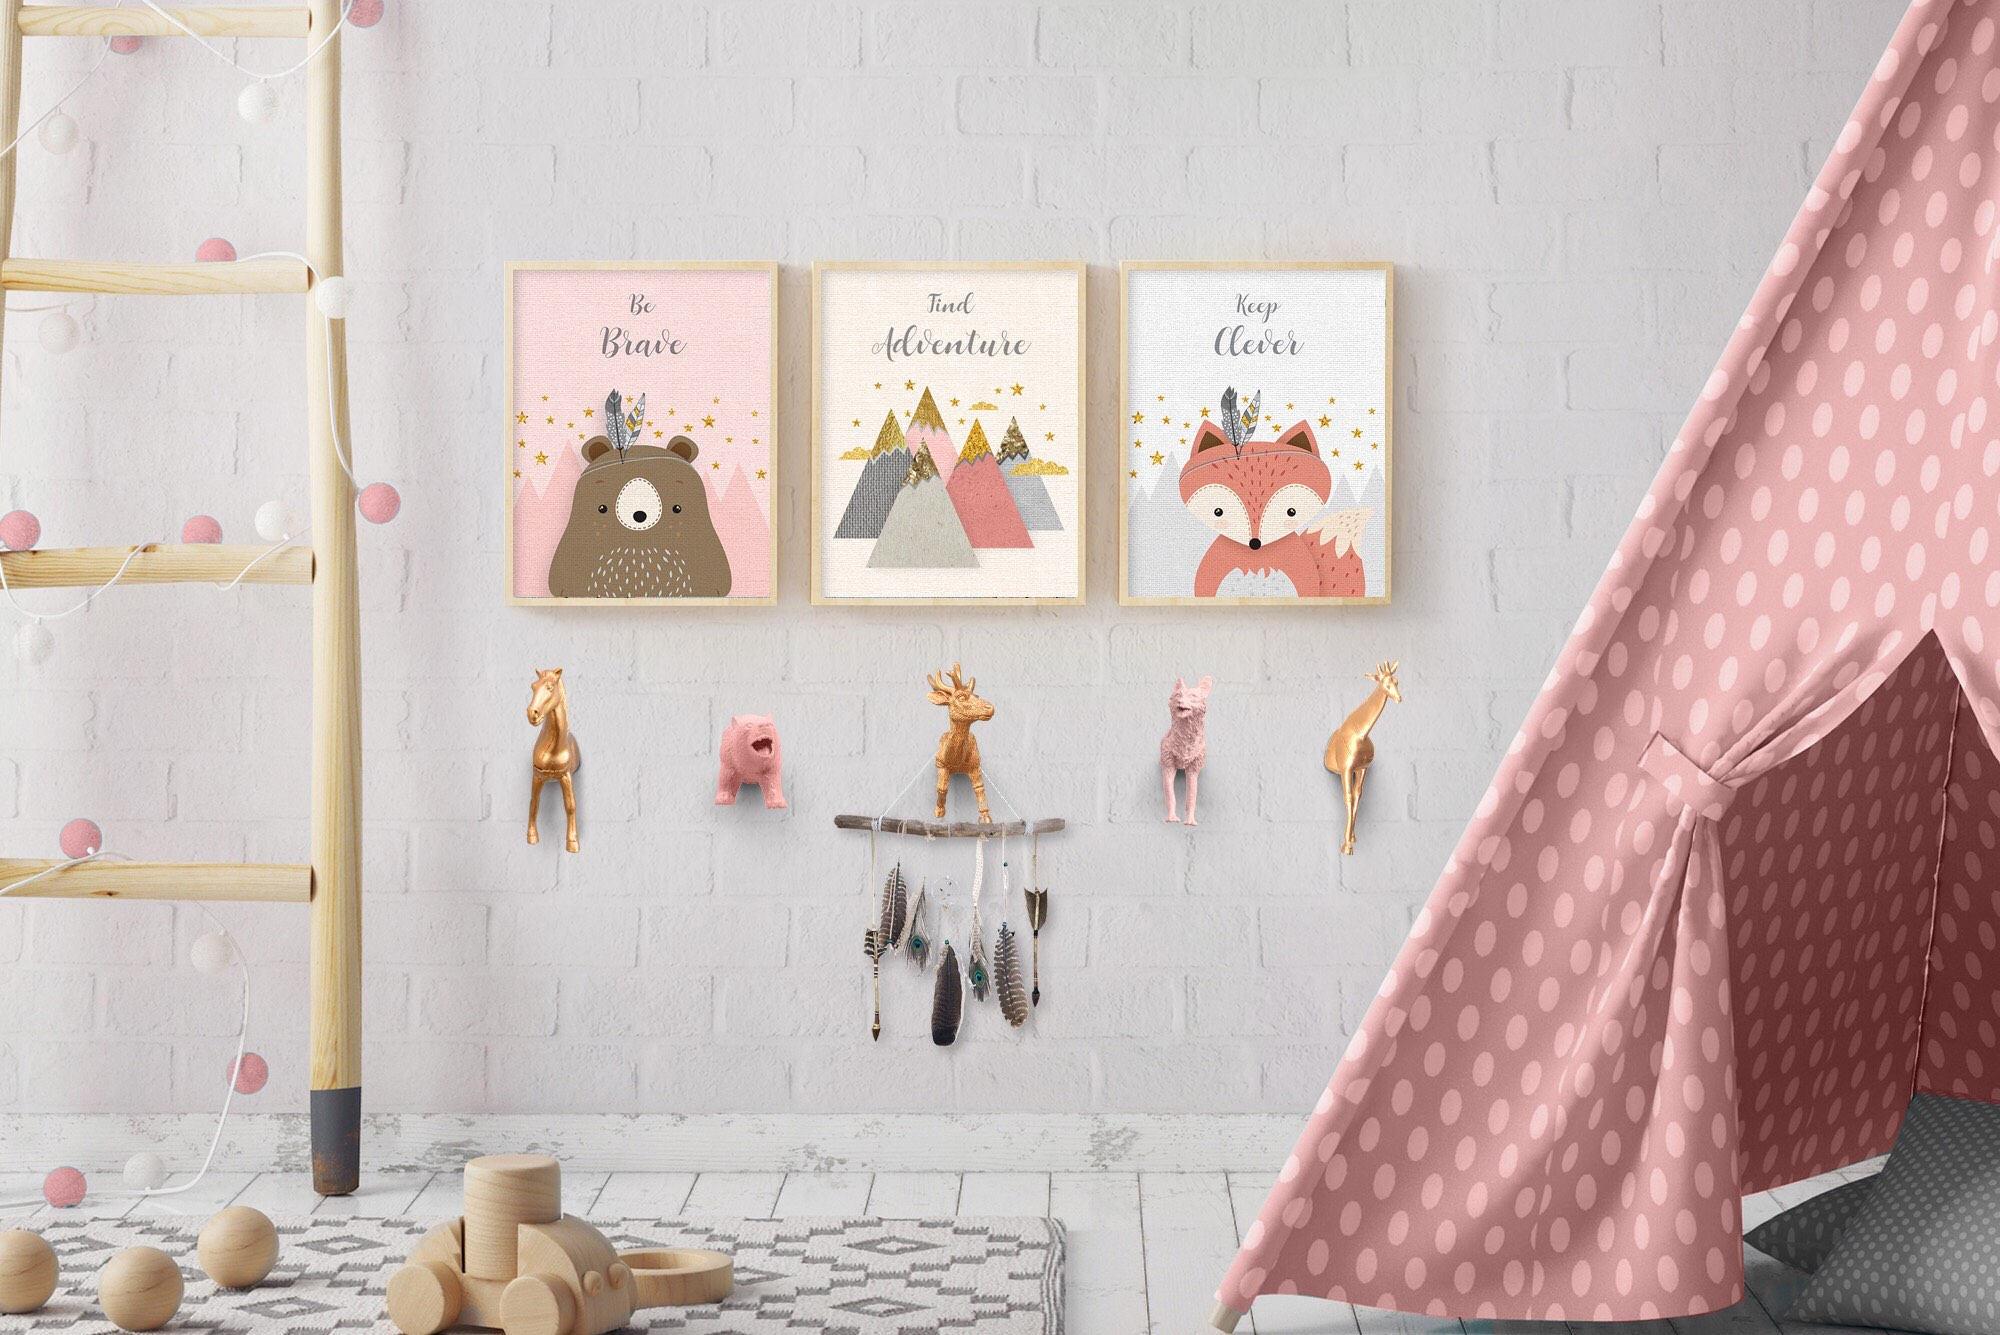 Wandhaken Kinderzimmer   Wandhaken Mantel 4 1 Haken Garderobe Tier Haken